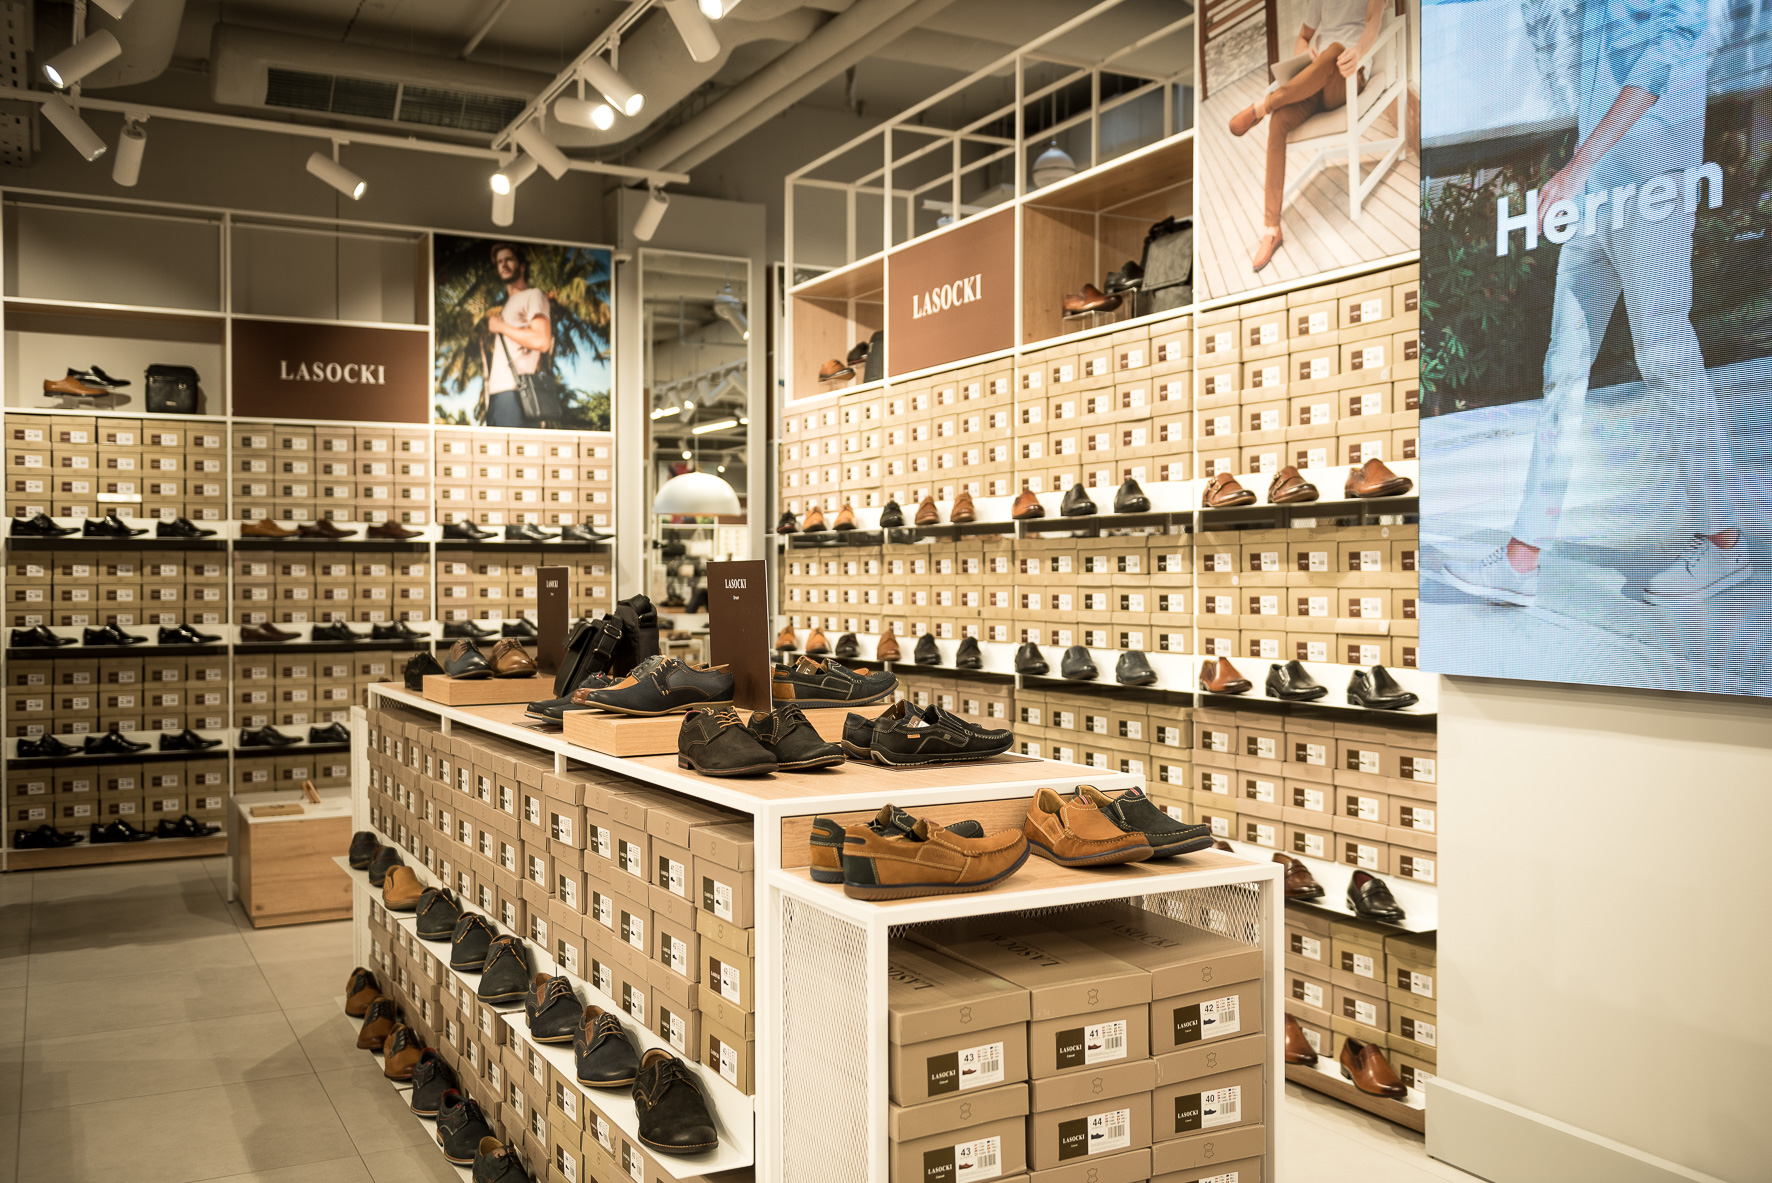 47. Store in Österreich